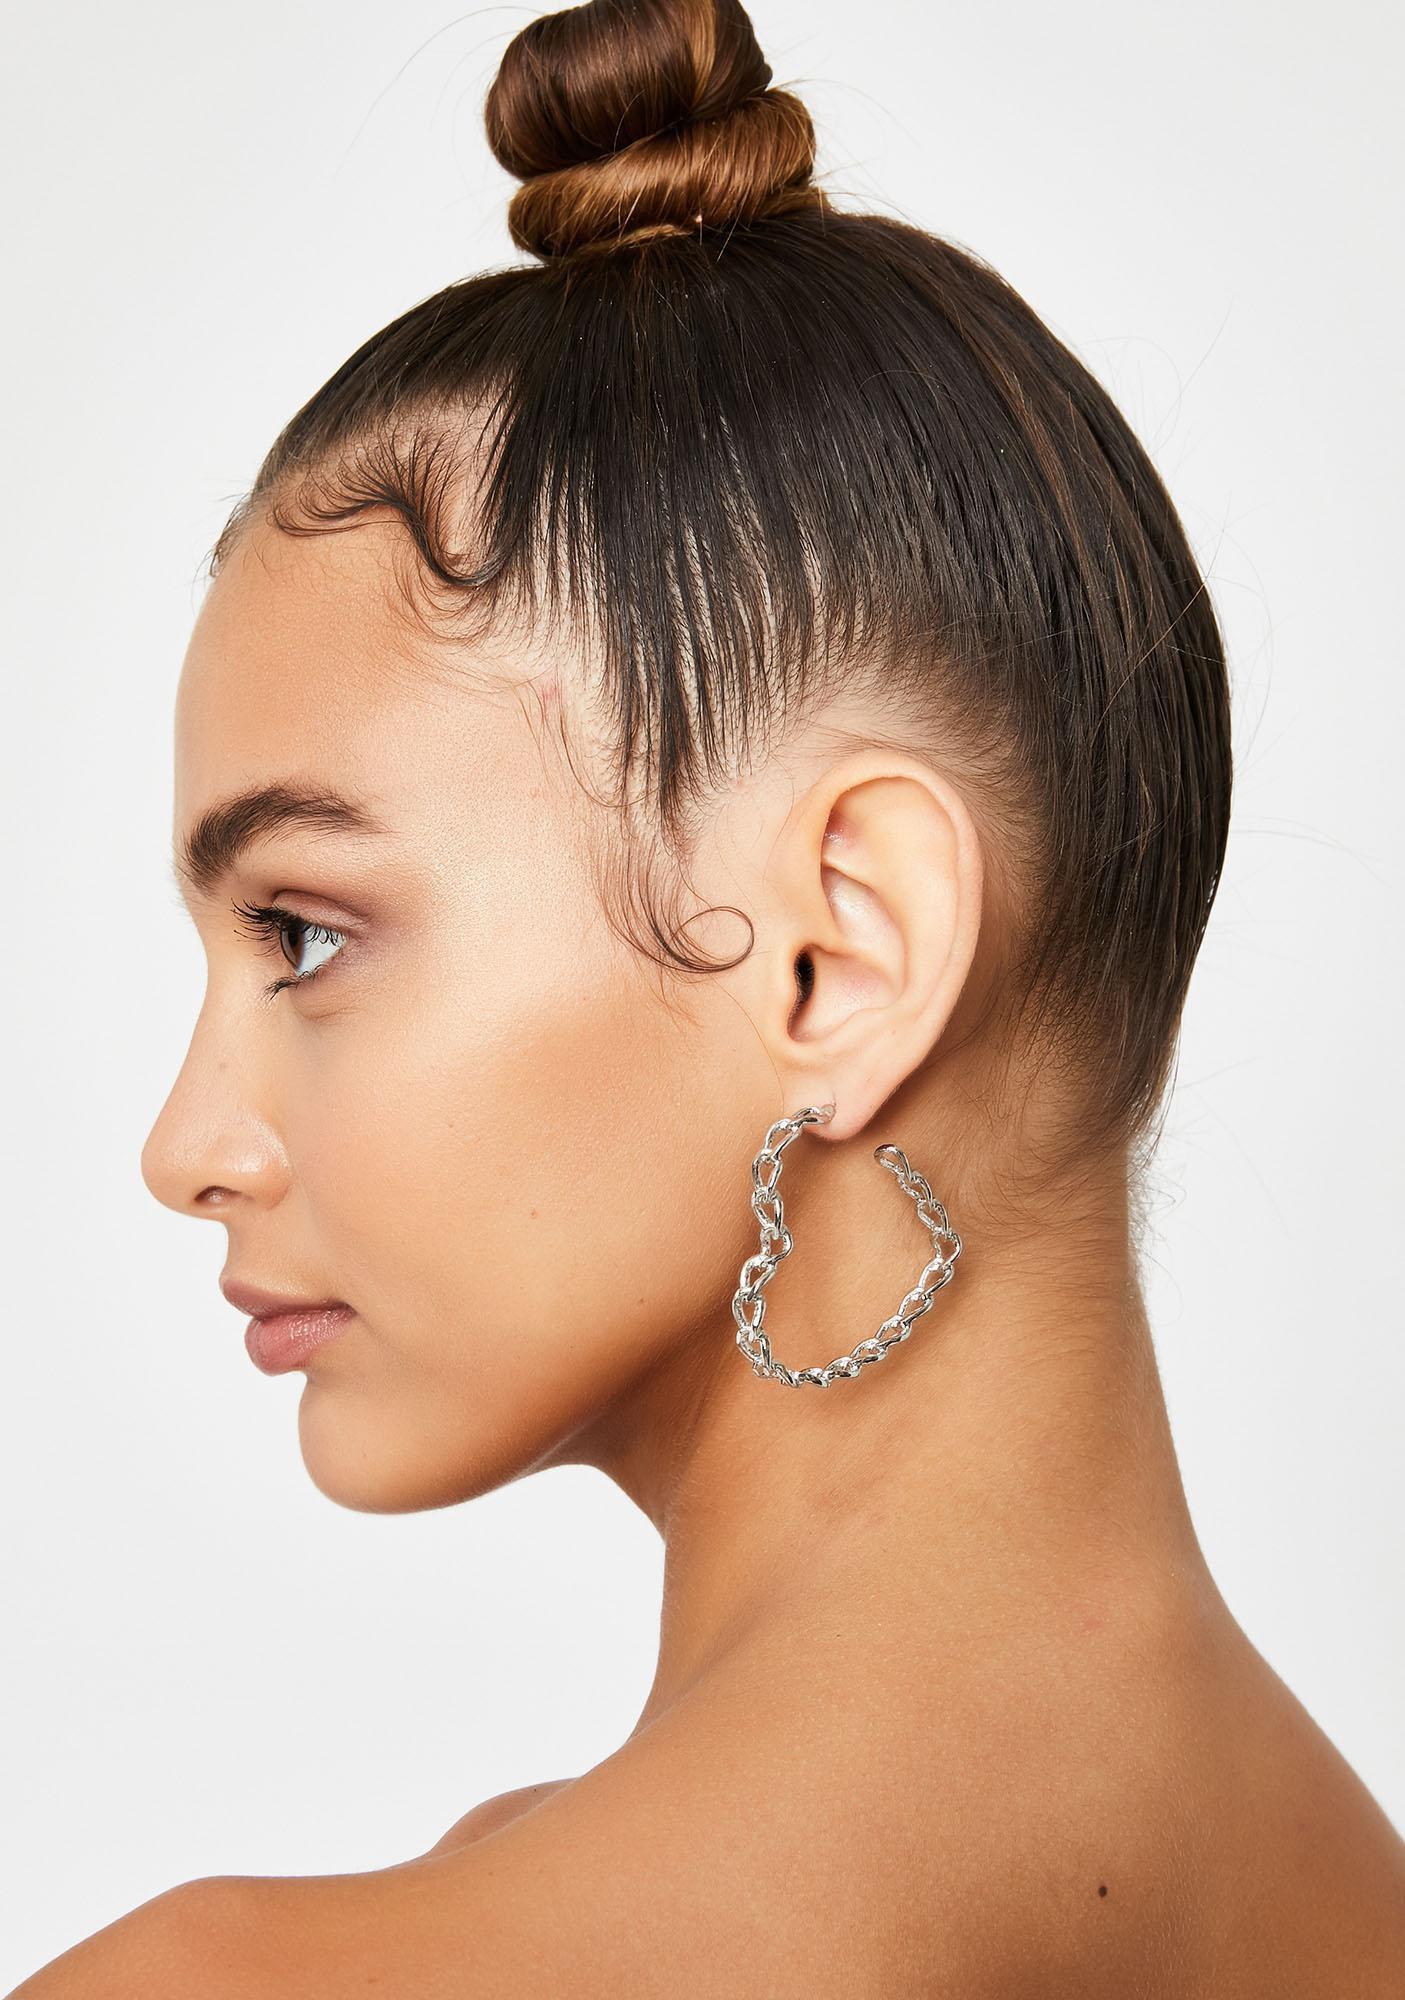 Chain Hoop Earrings Heart | Dolls Kill